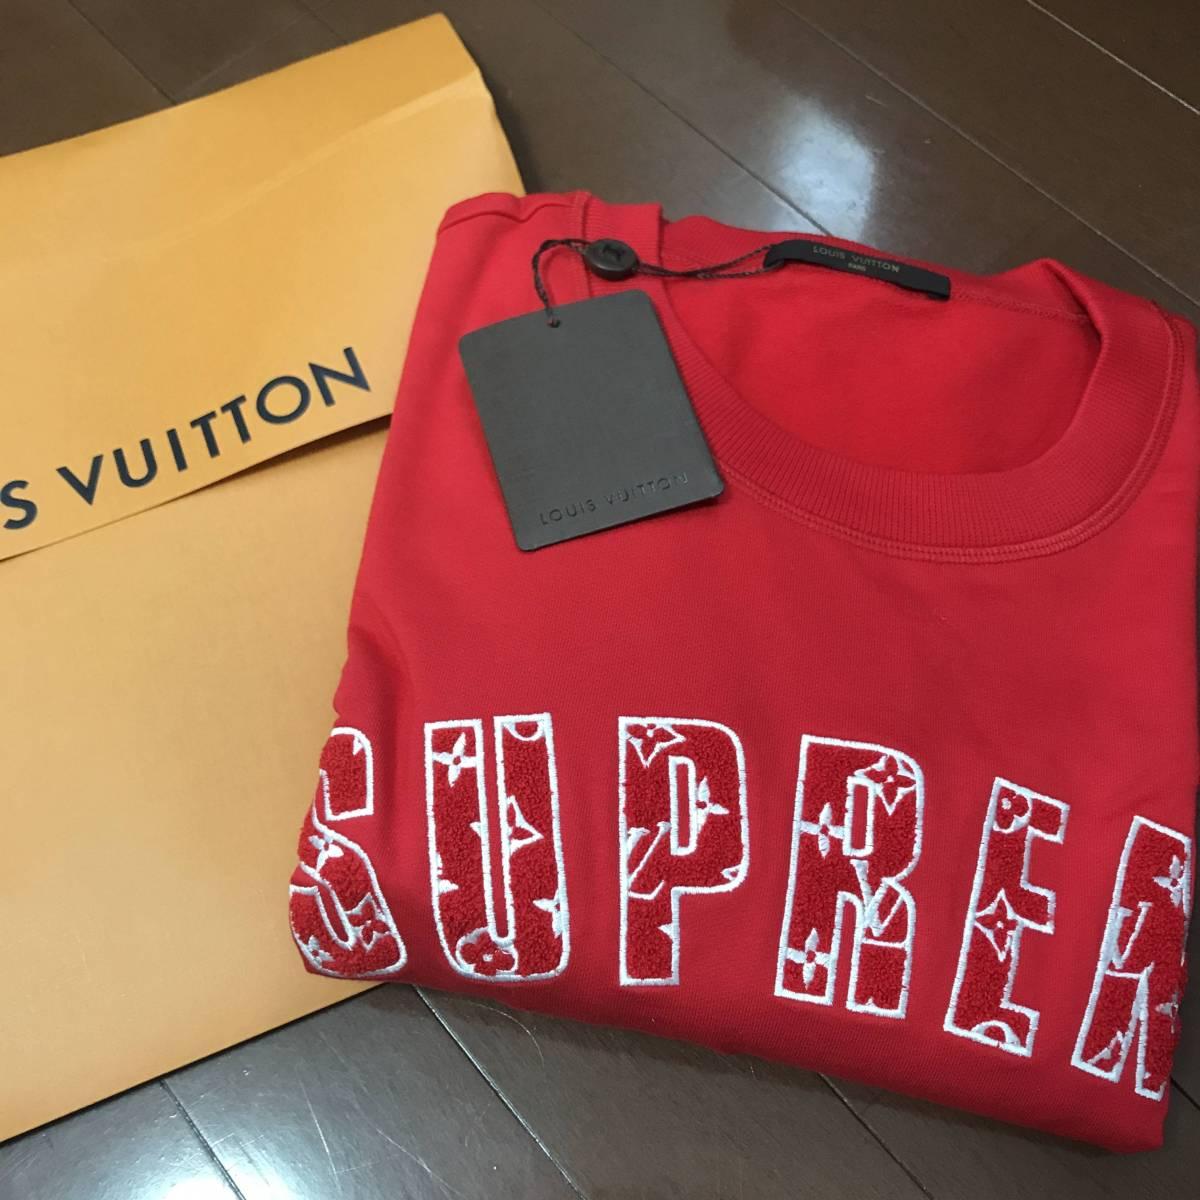 希少品 限定品 Supreme Louis Vuitton コラボトレーナー アーチロゴ 赤(ビッグサイズ・4L)